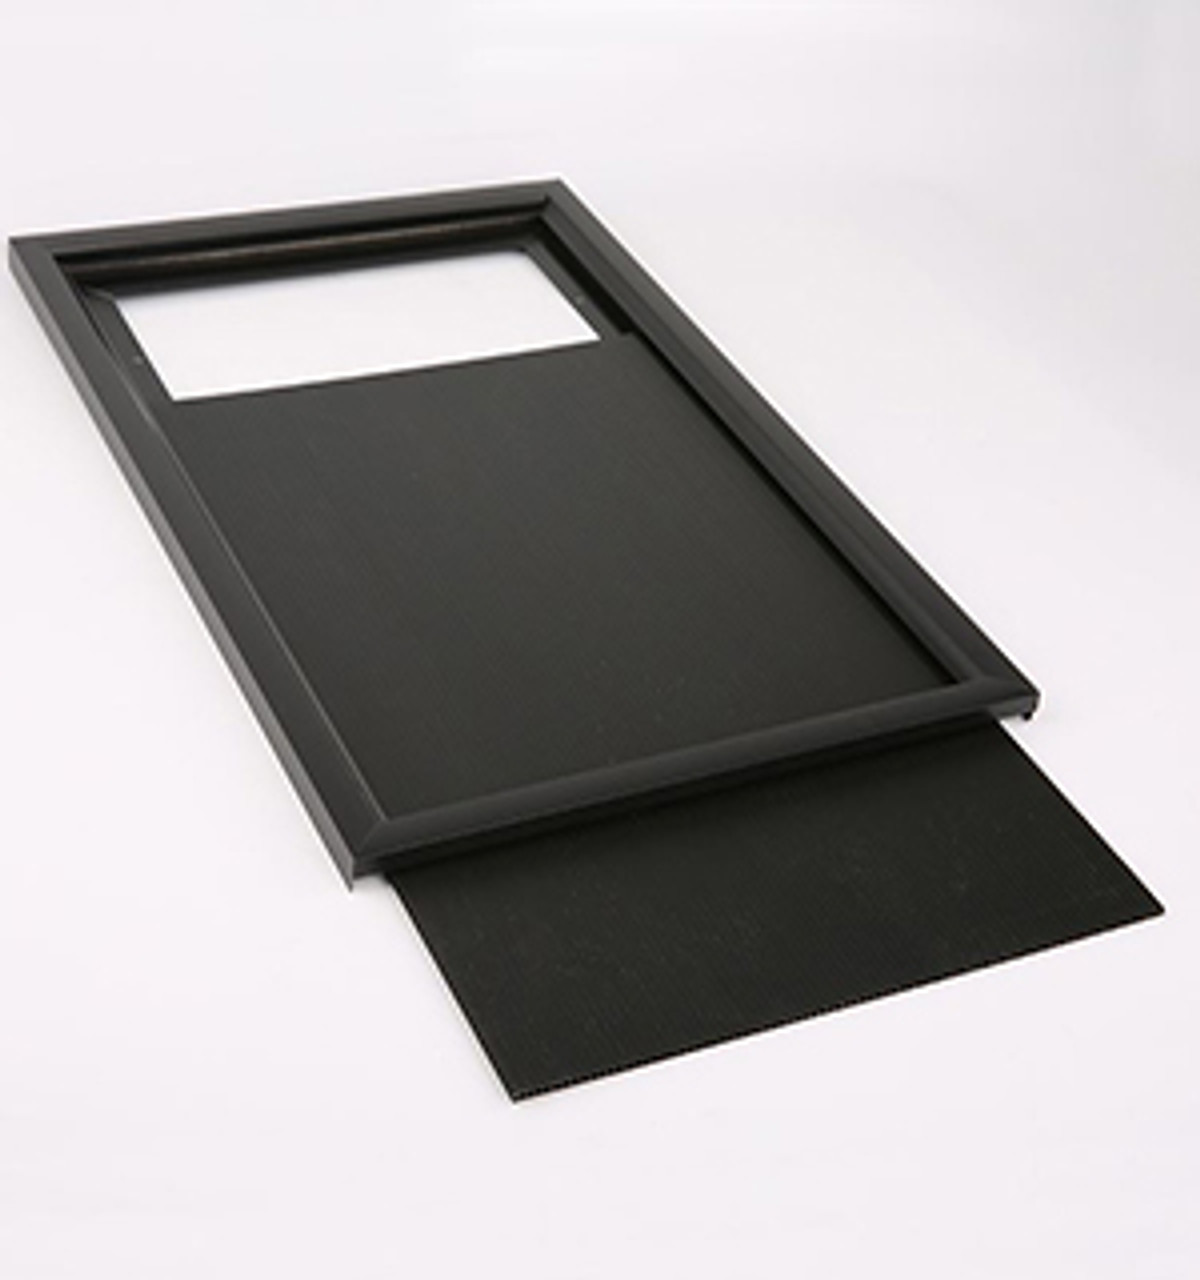 """Aluminum Slide In Frame - 11""""w x 17""""h - Black- 1"""" Frame 1/Pack"""